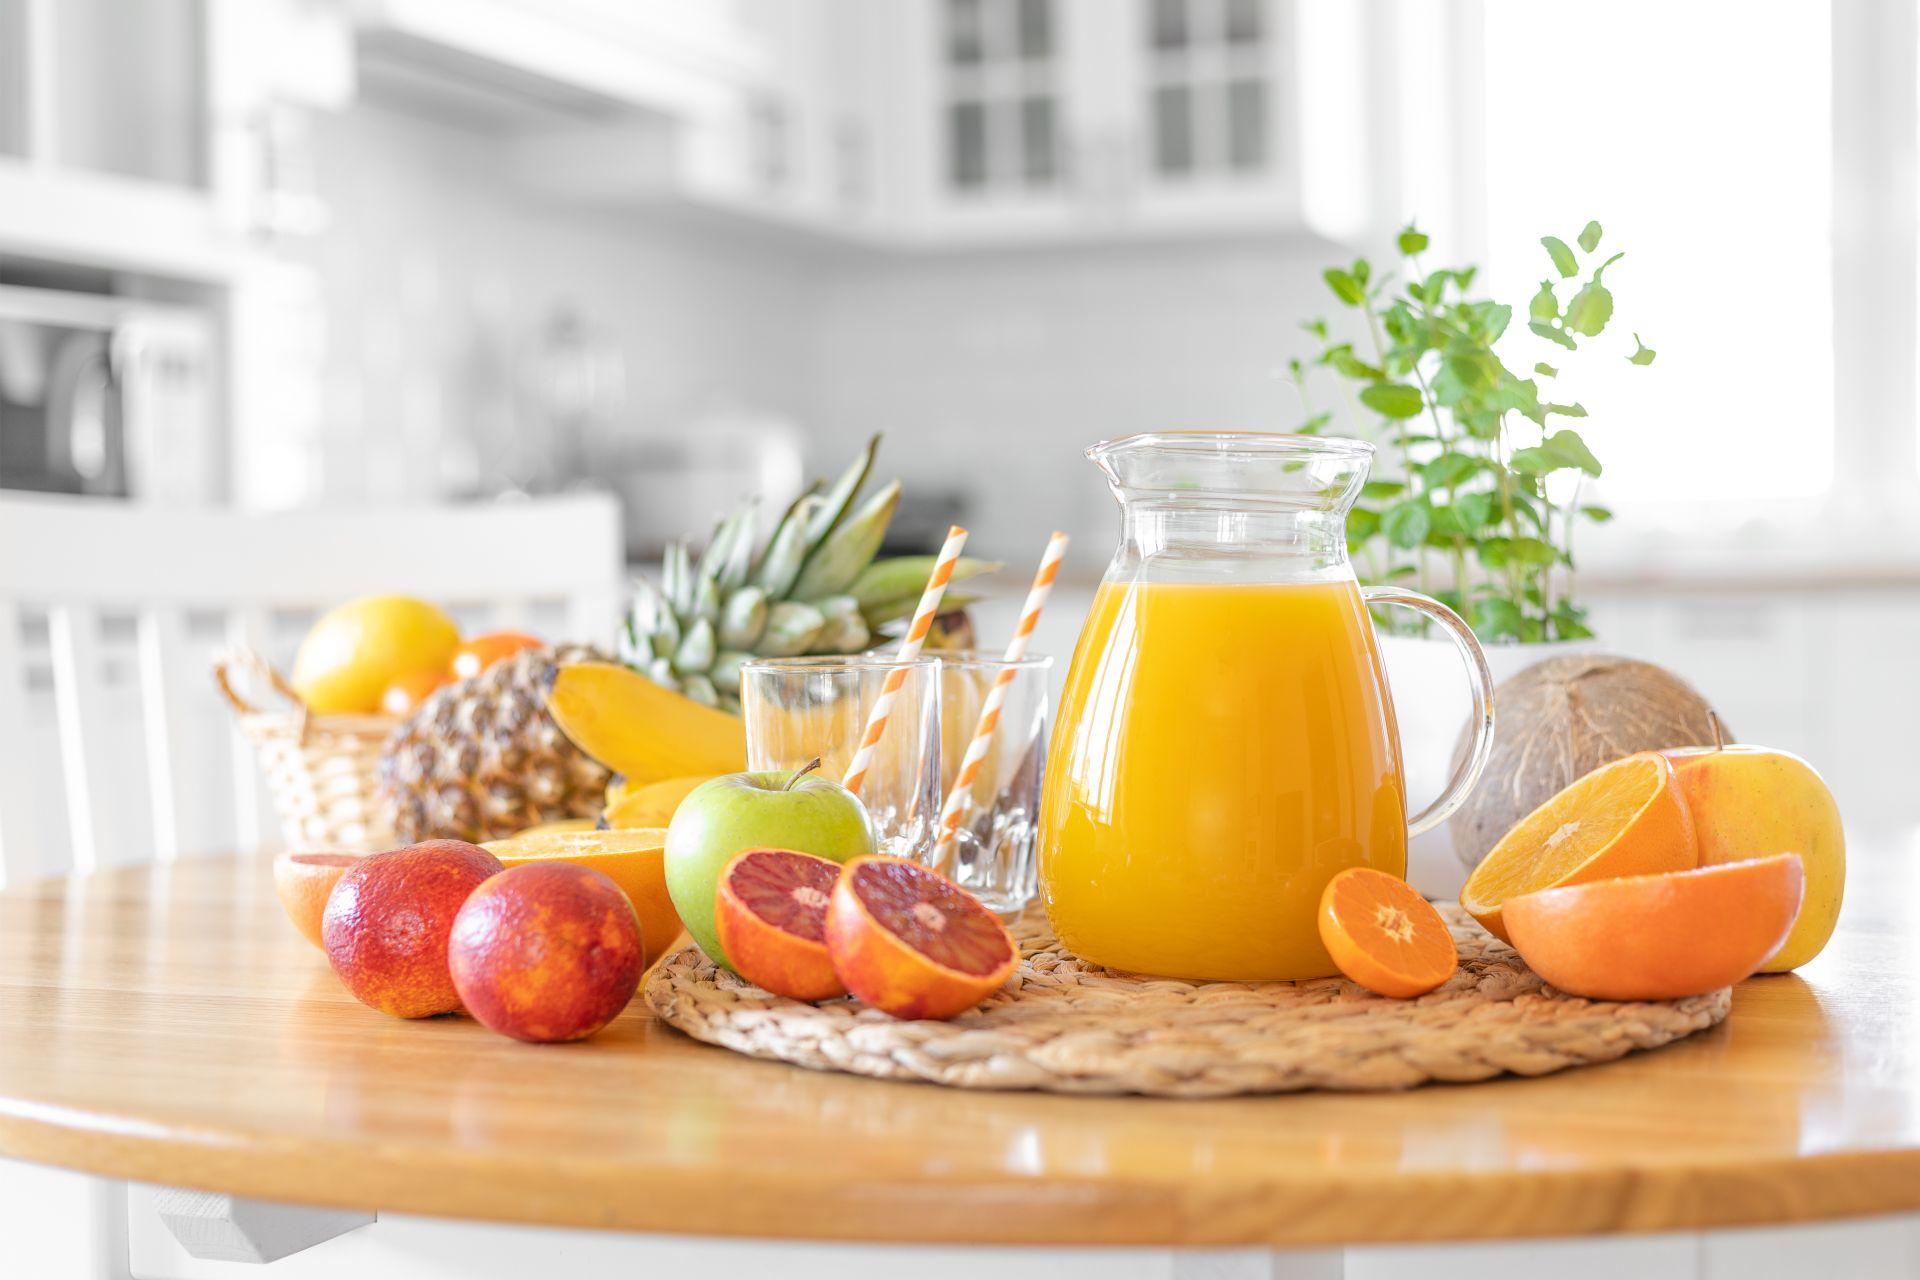 Zadbaj o zdrowe przekąski i łatwy dostęp dla wszystkich domowników - dieta dla dzieci i nastolatków powinna opierać się na wdrażaniu zdrowych nawyków stopniowo.